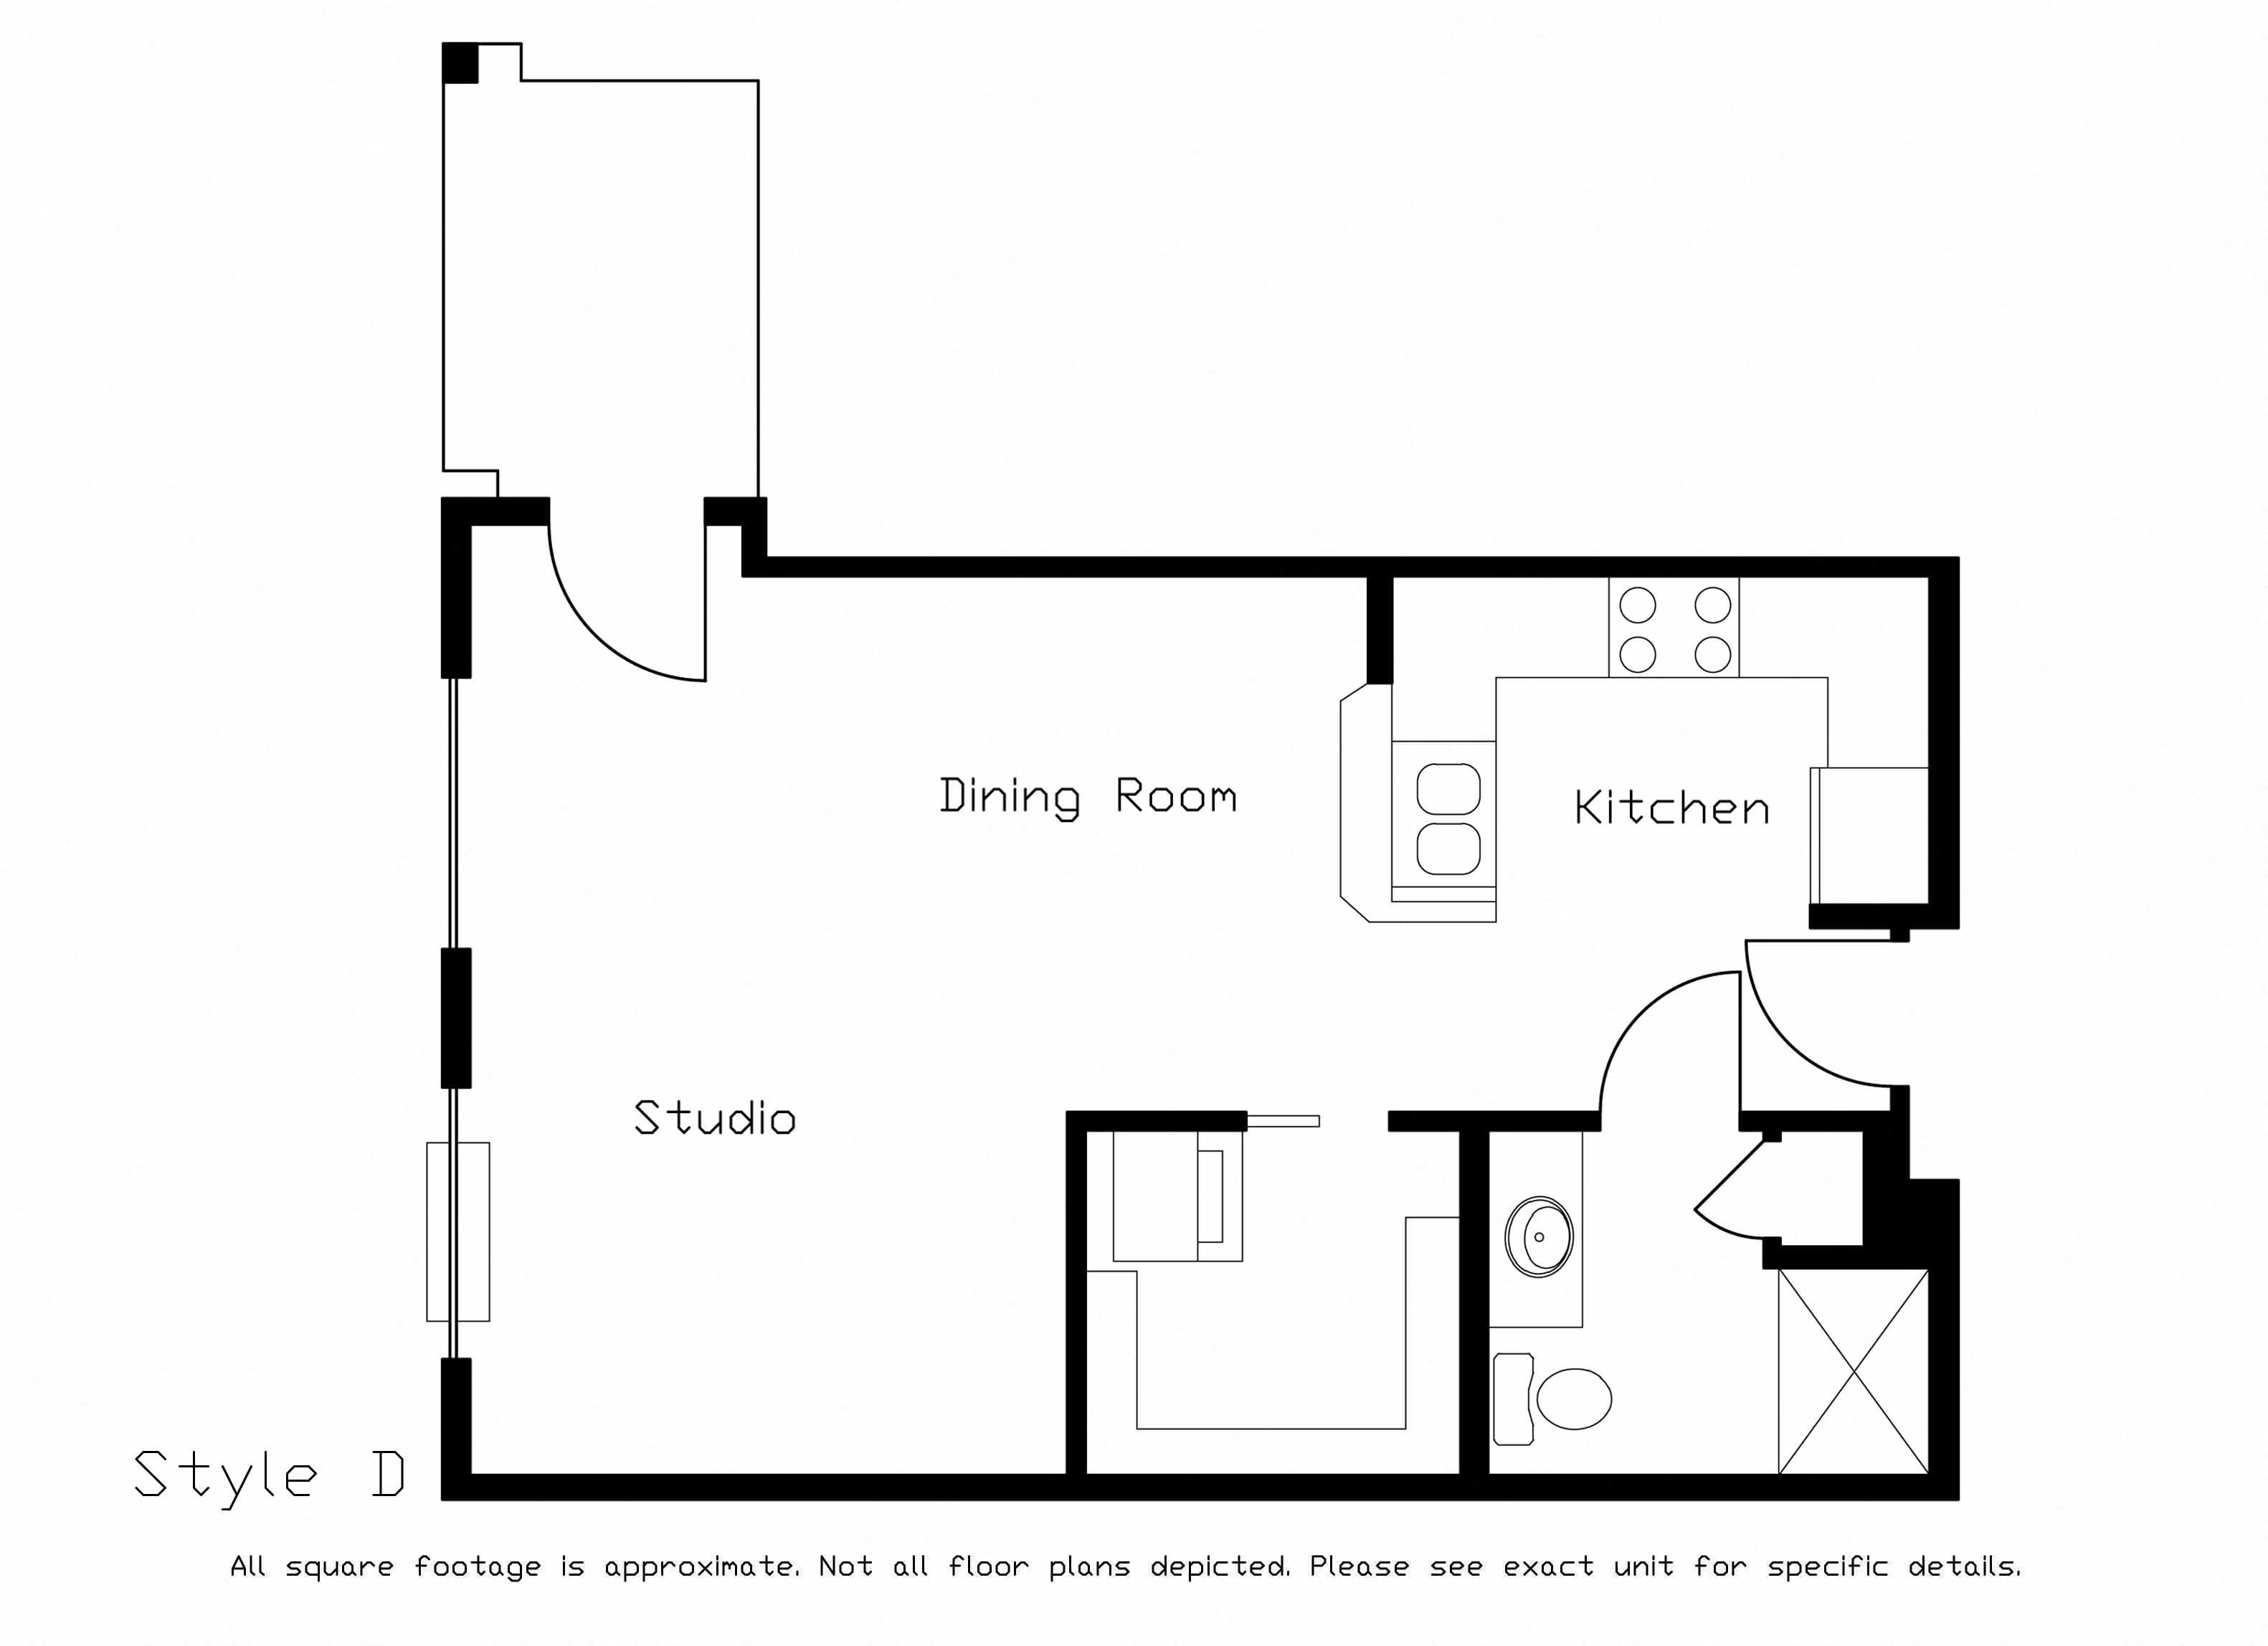 D Floor Plan 1